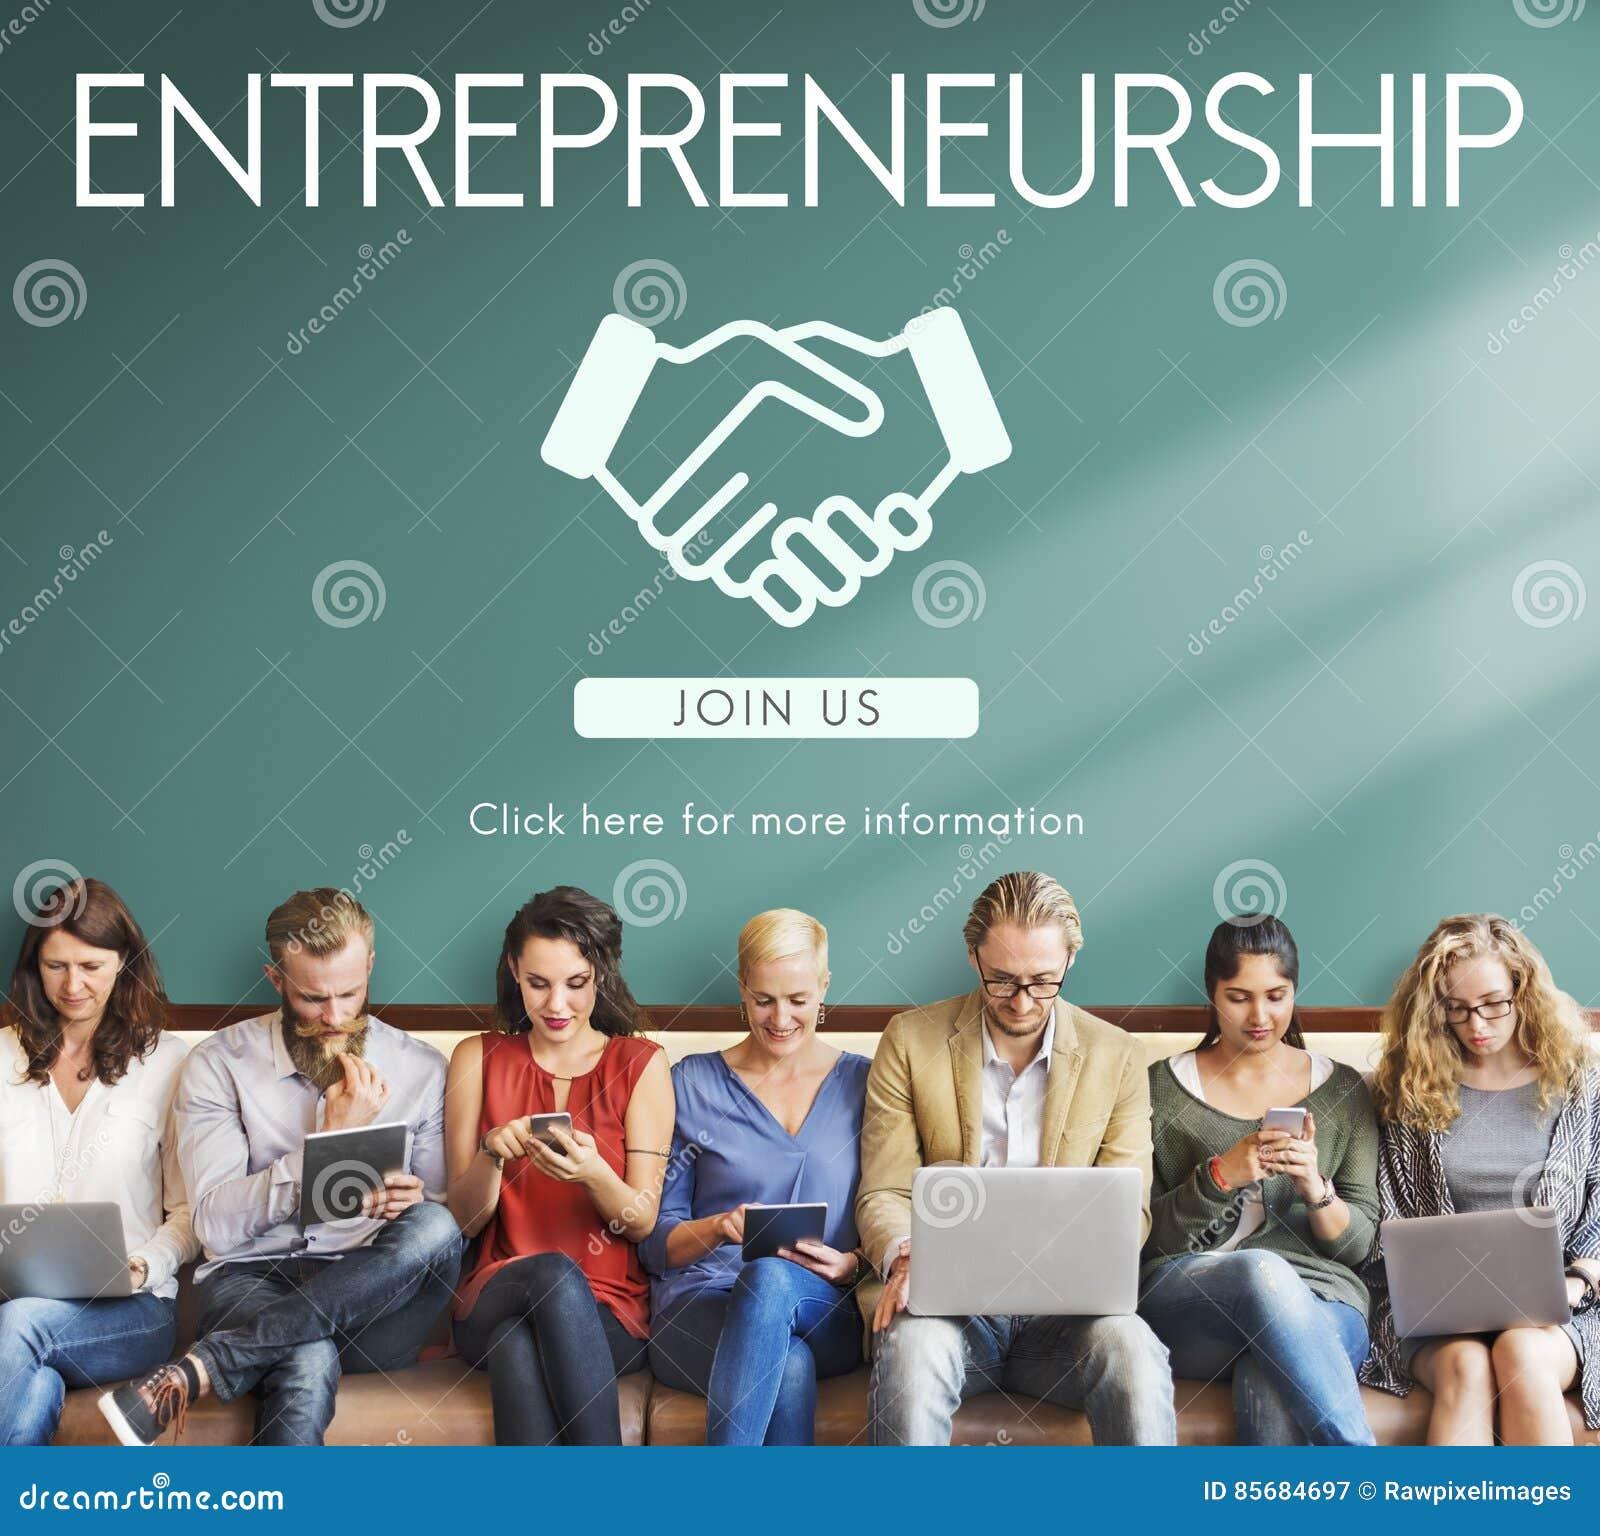 Concepto del distribuidor autorizado de la empresa corporativa del espíritu emprendedor